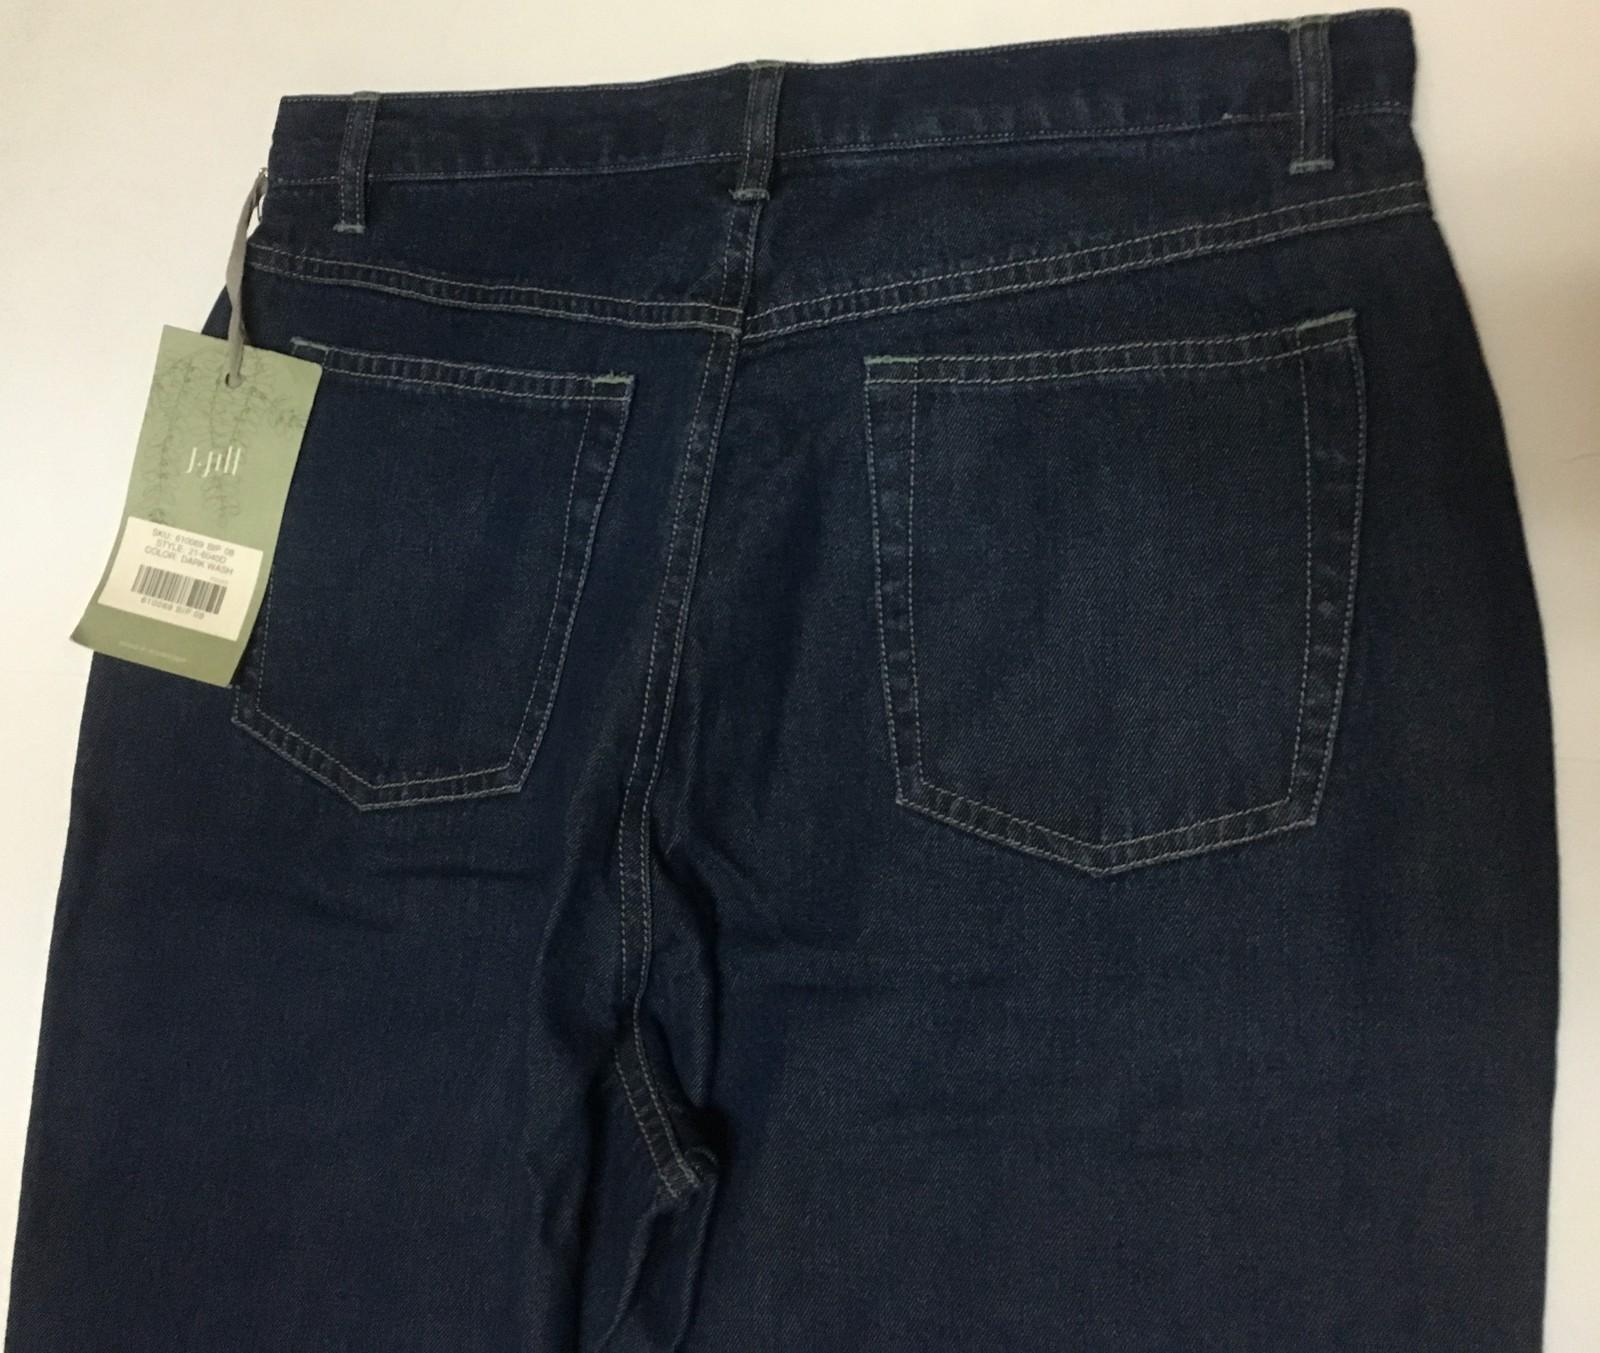 J.Jill Women's Jeans Blue Sz 8